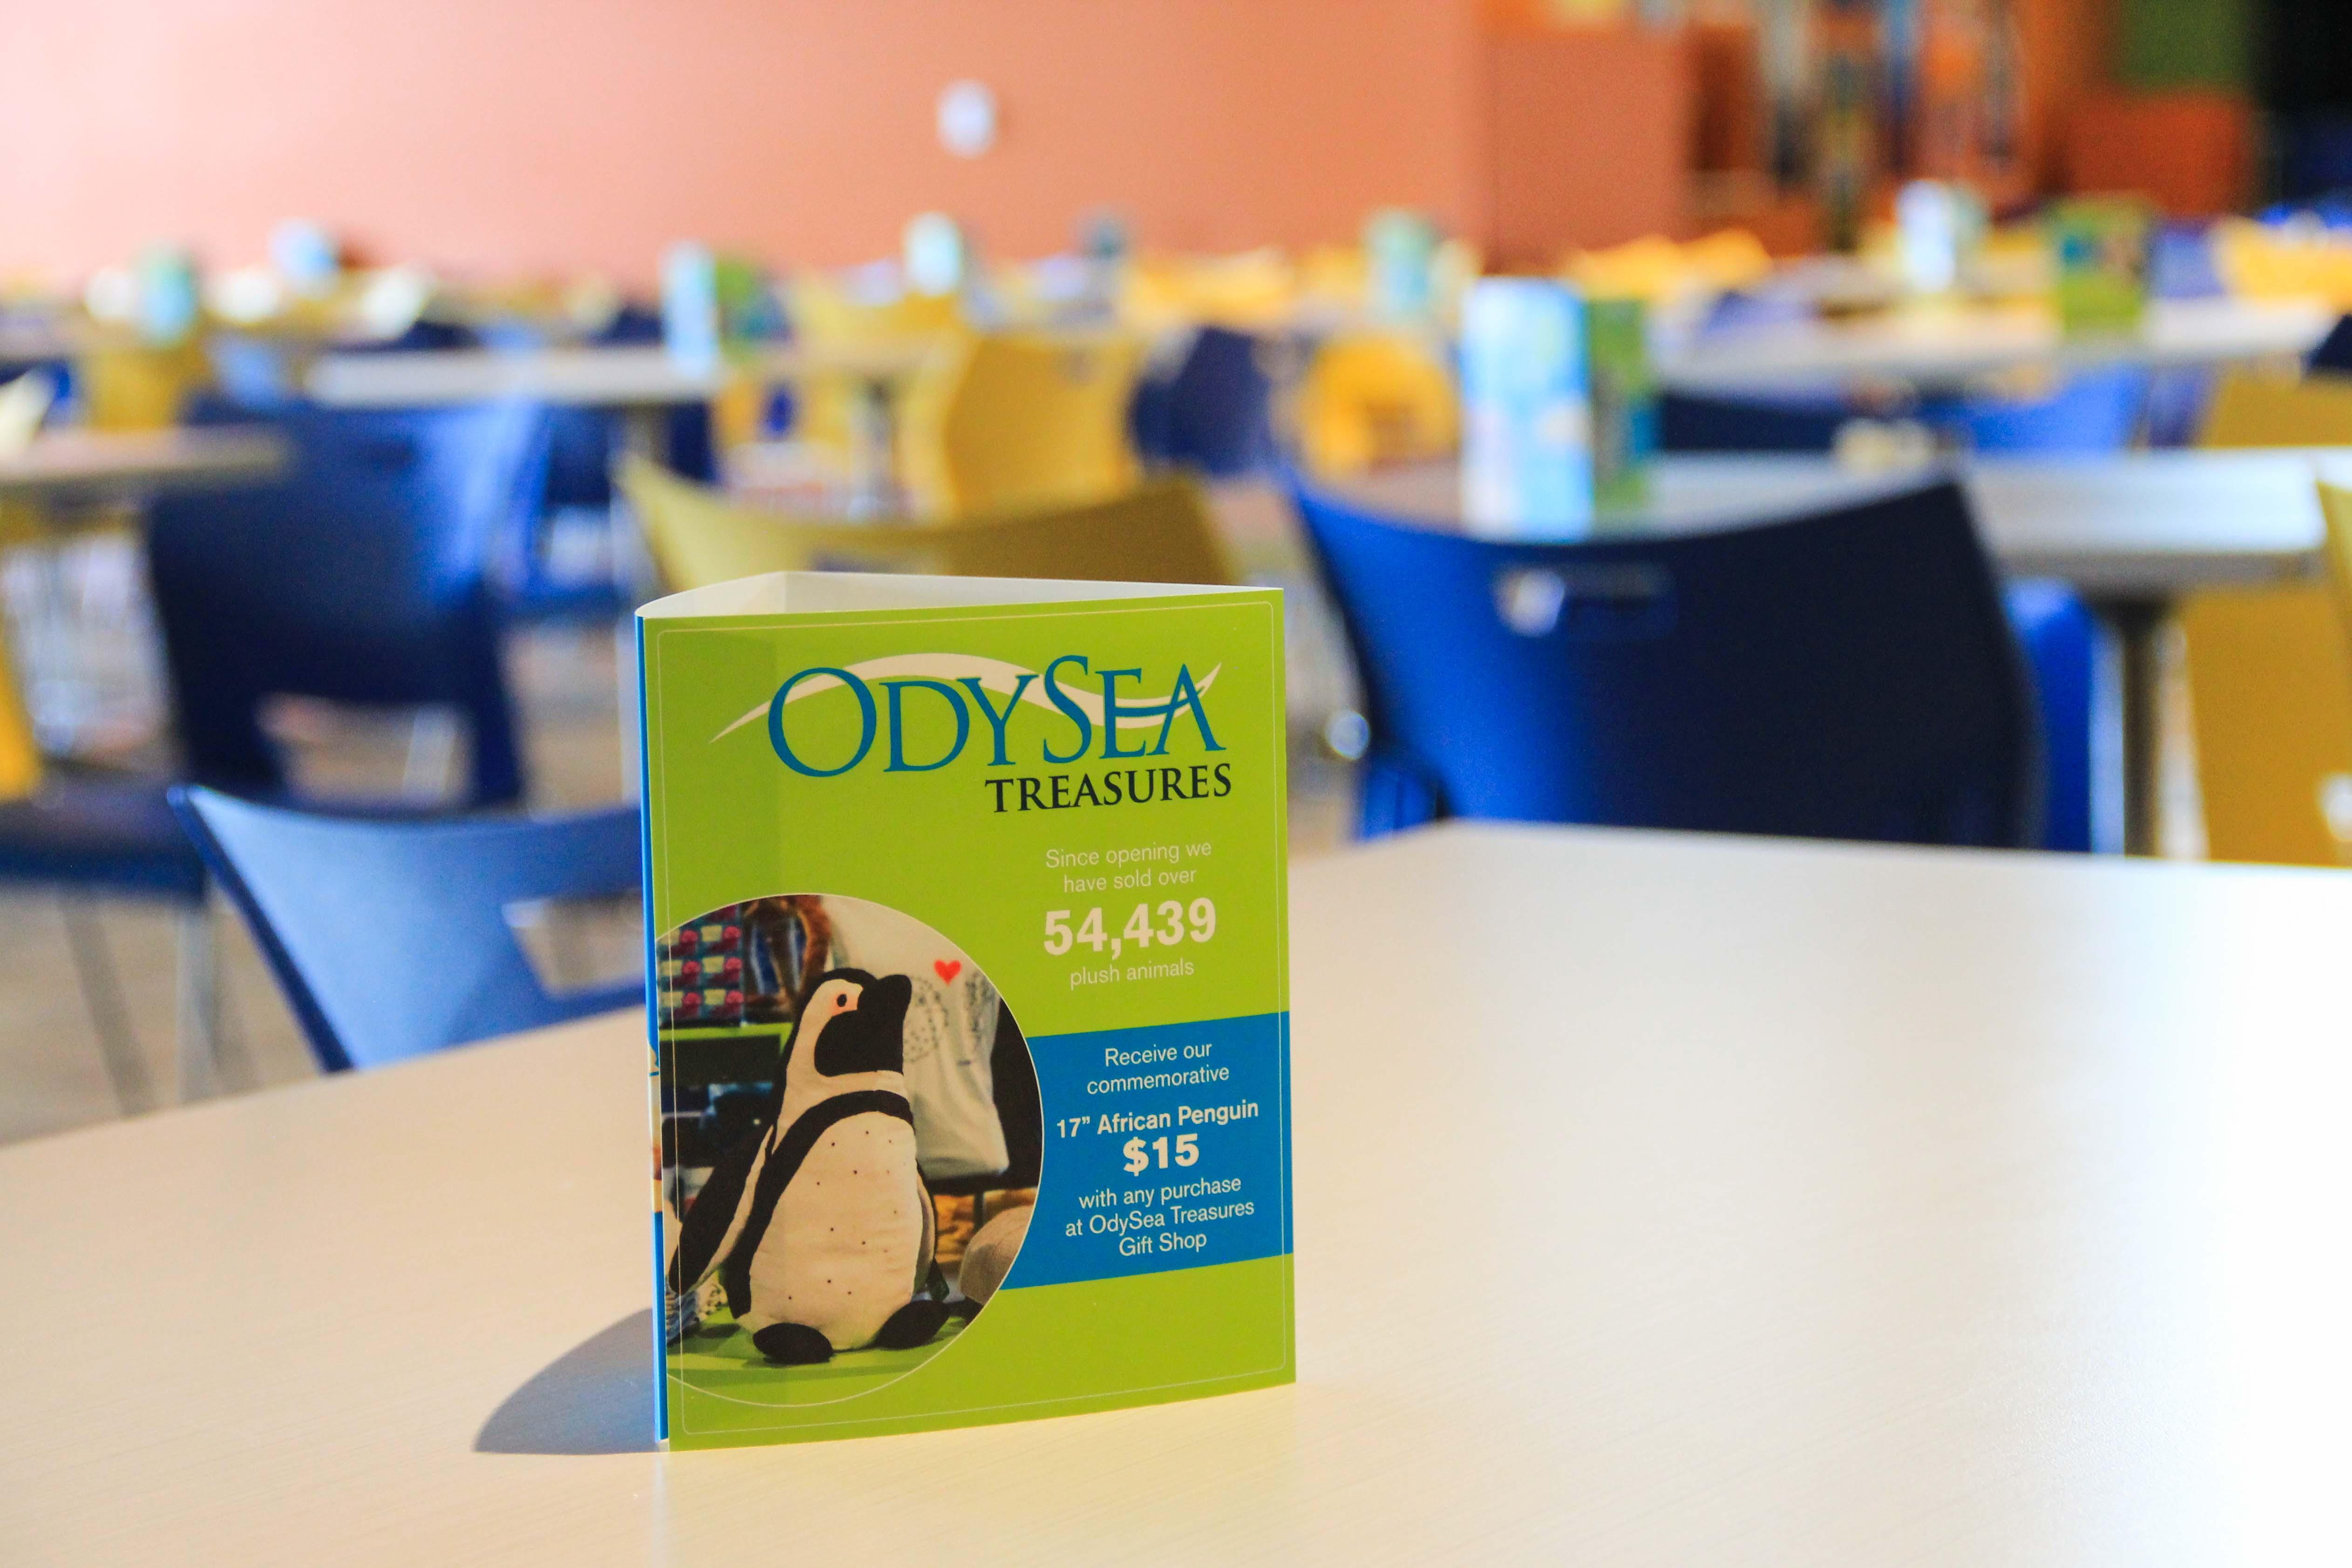 OdySea Trifold custom event signage